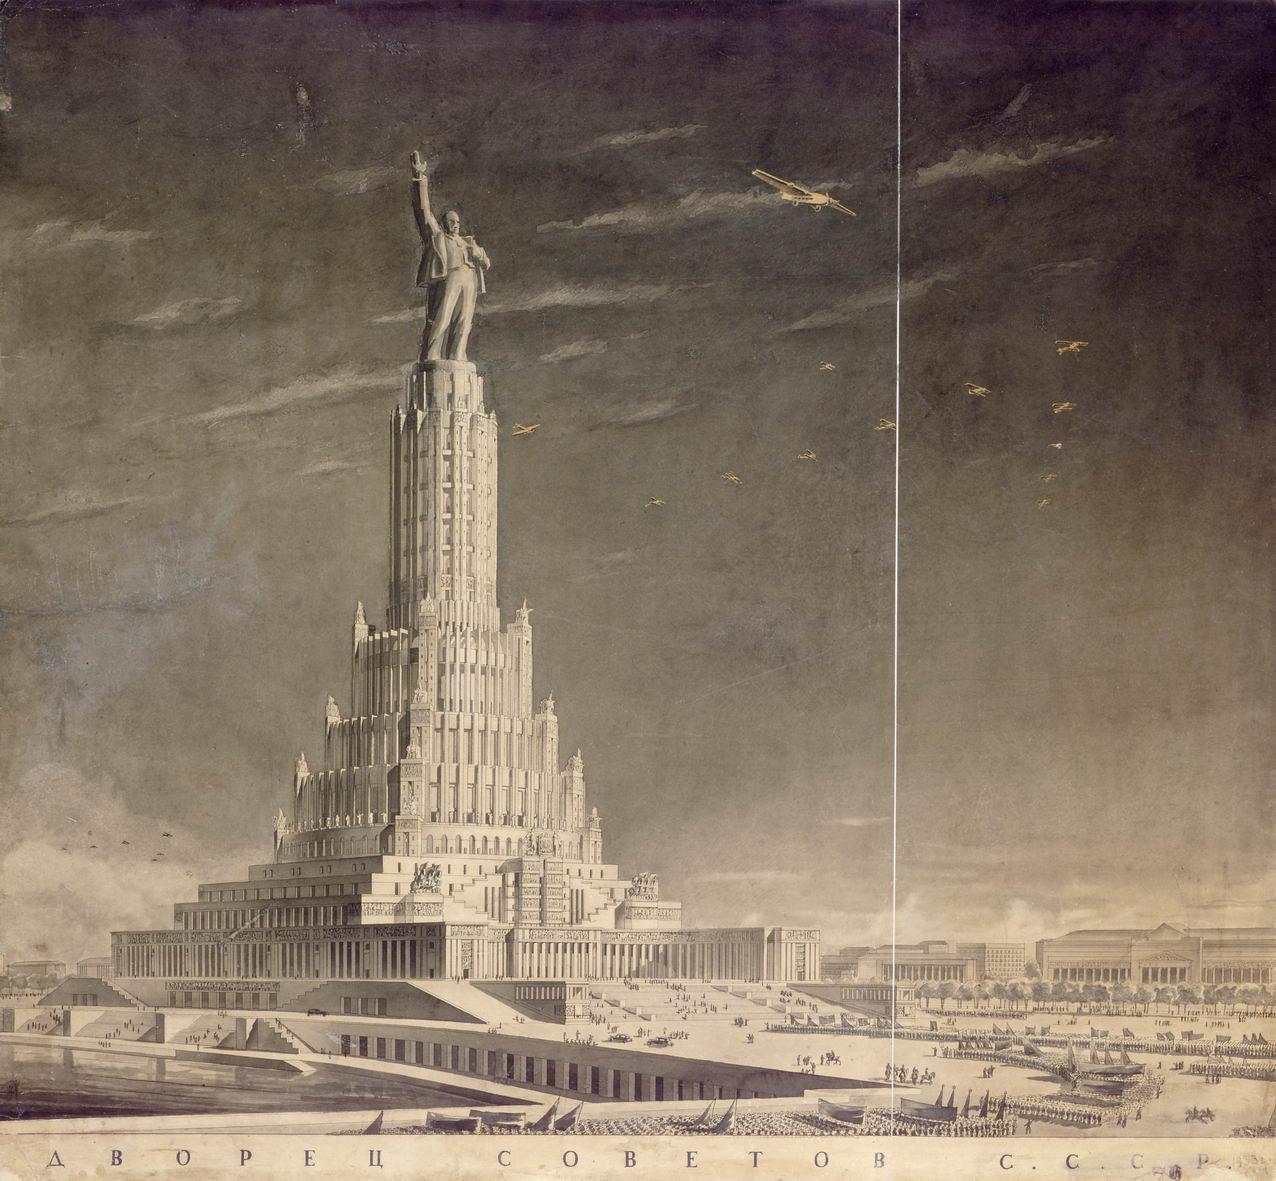 El Palacio de los Sóviets, una construcción megalómana diseñada en los años treinta para Moscú y que representaría los ideales del régimen soviético